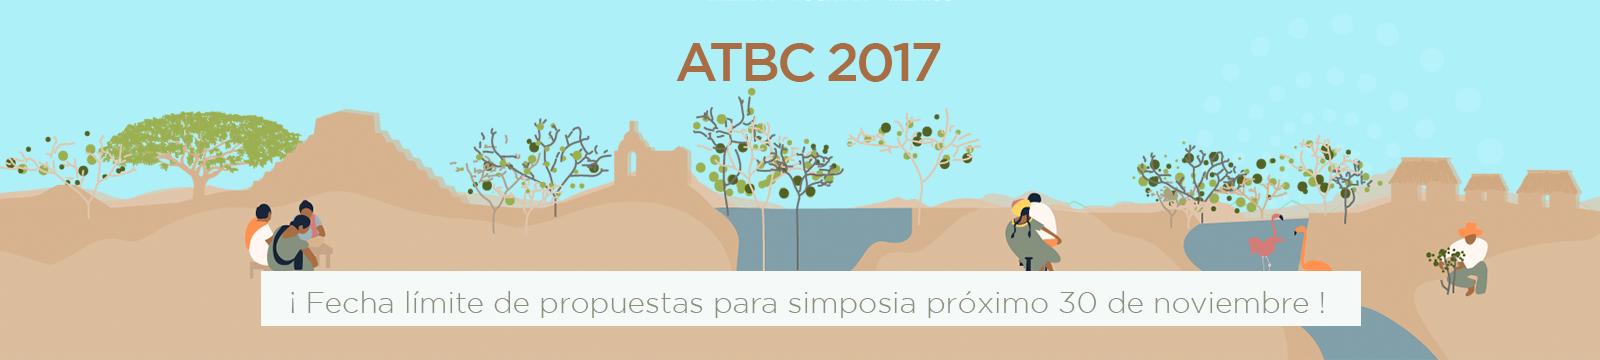 2016_Jul_Banner ATBC 2017fecha limite